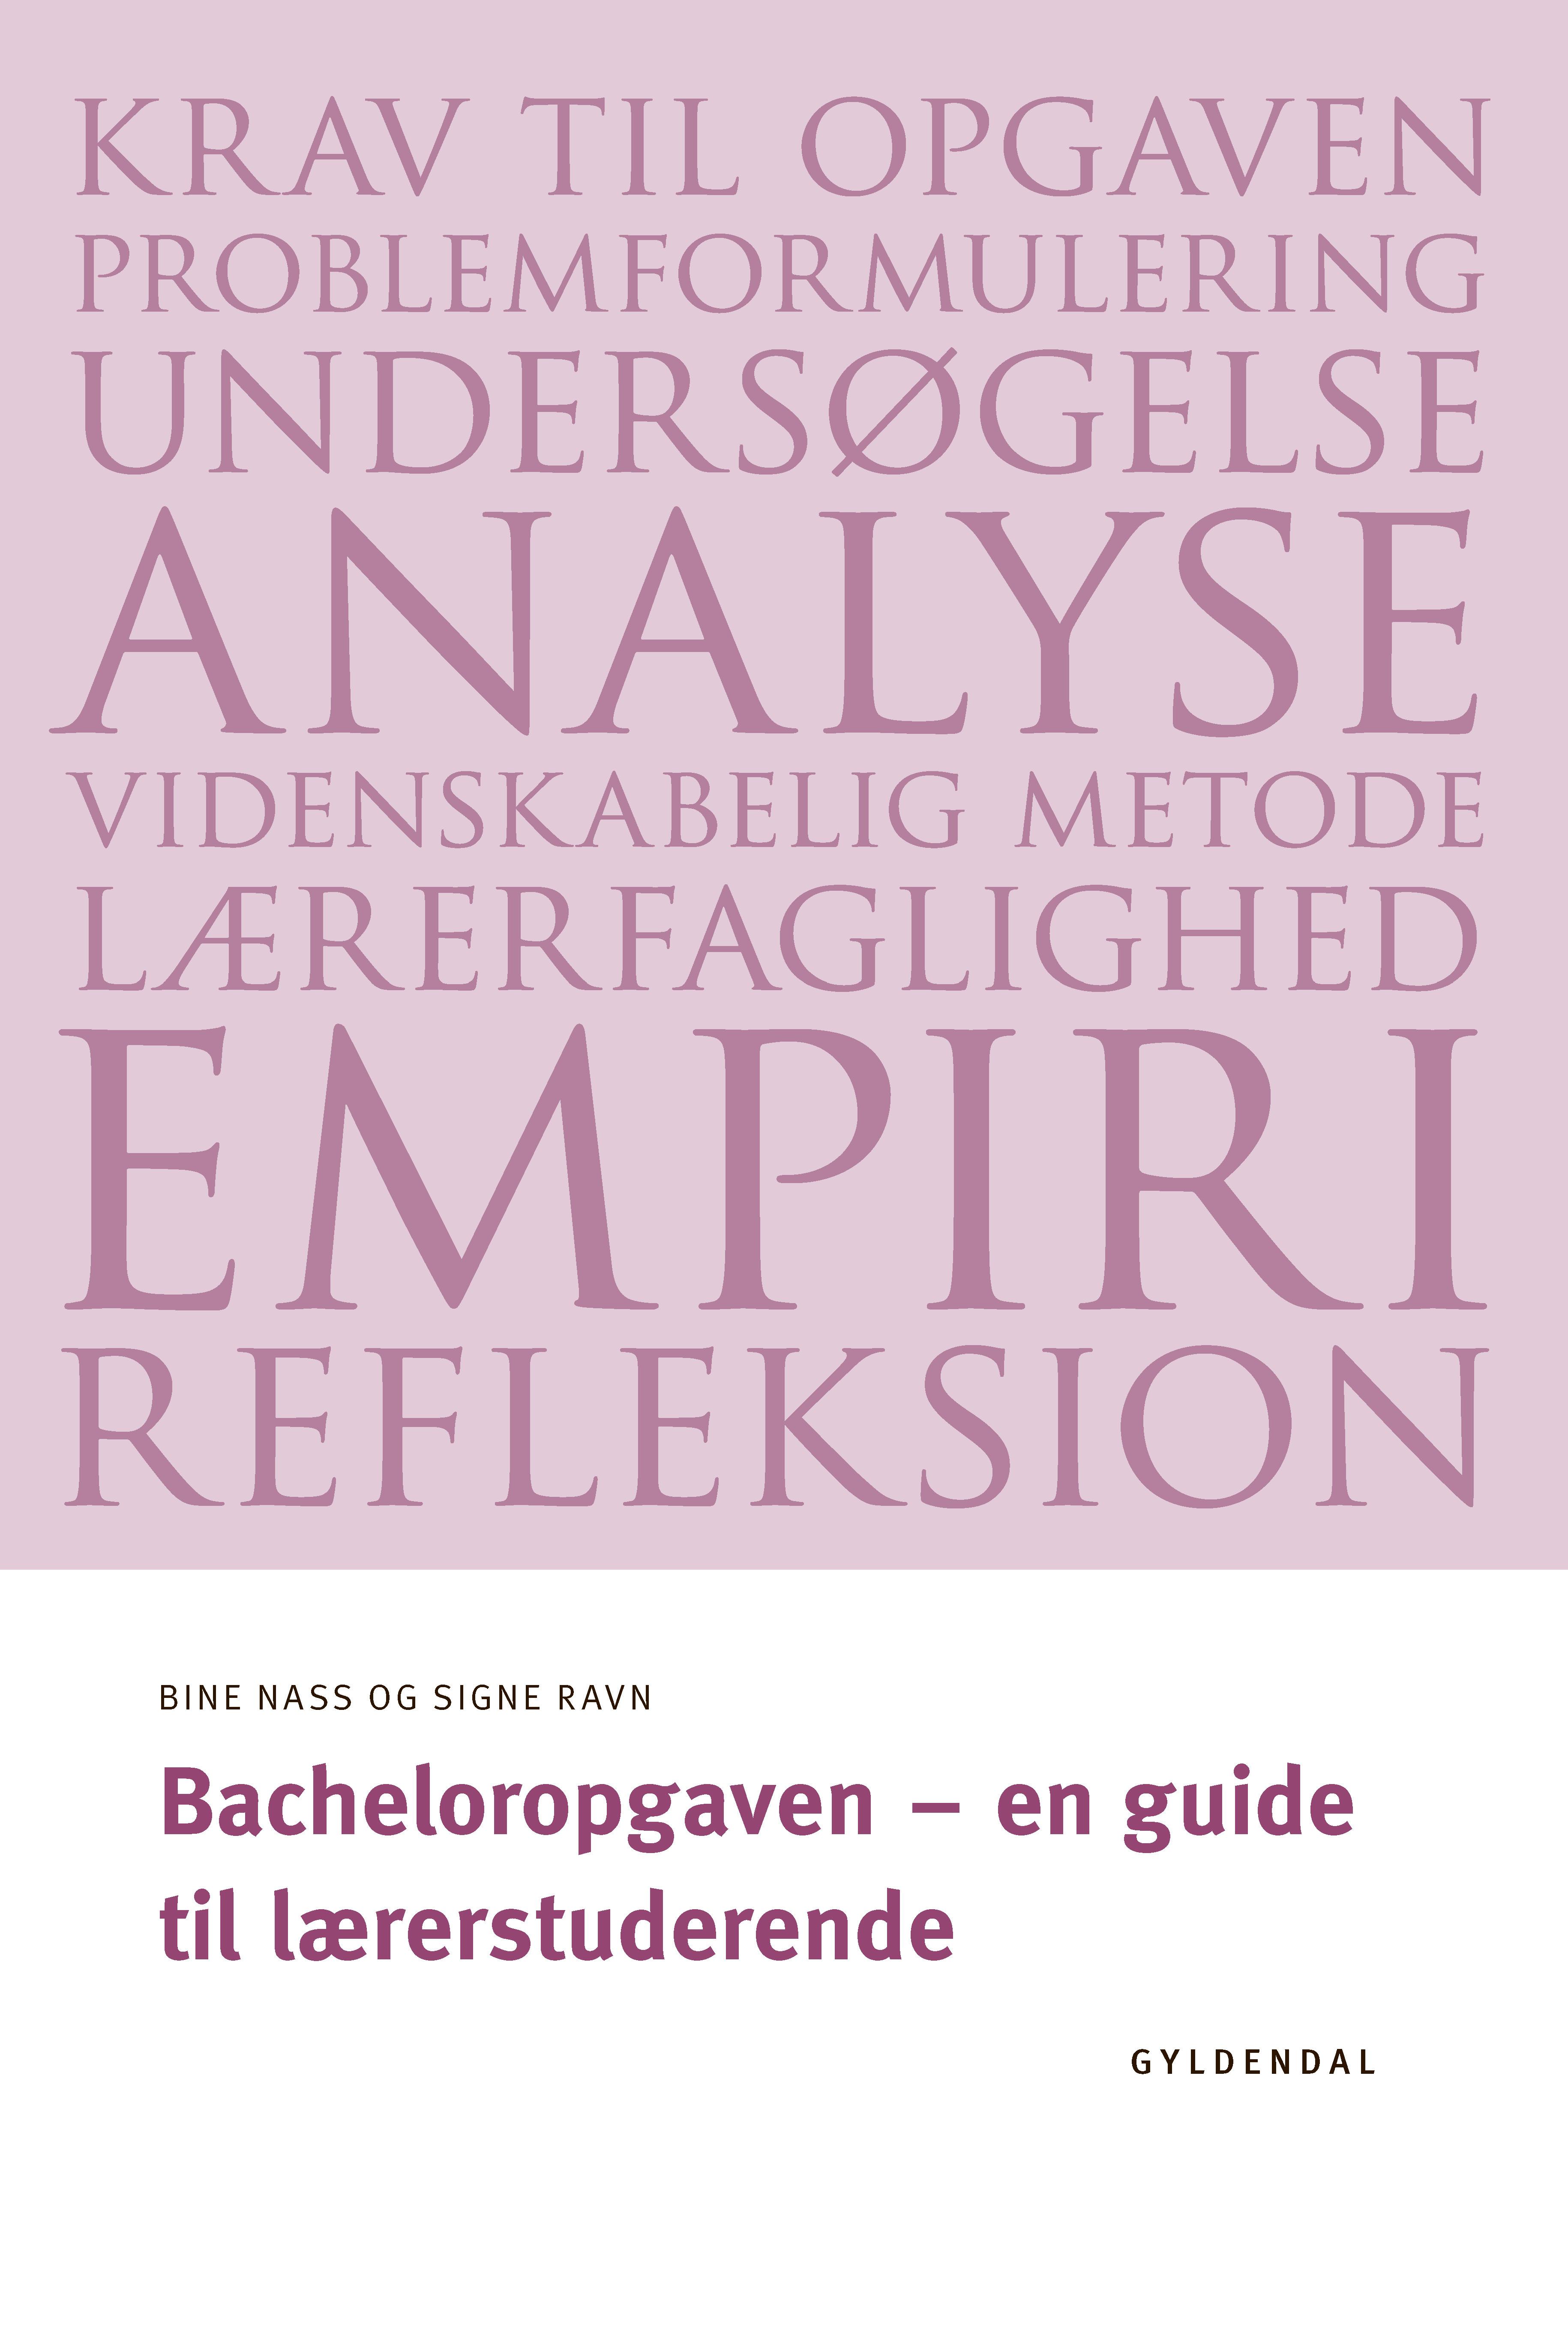 Bacheloropgaven - en guide til lærerstuderende